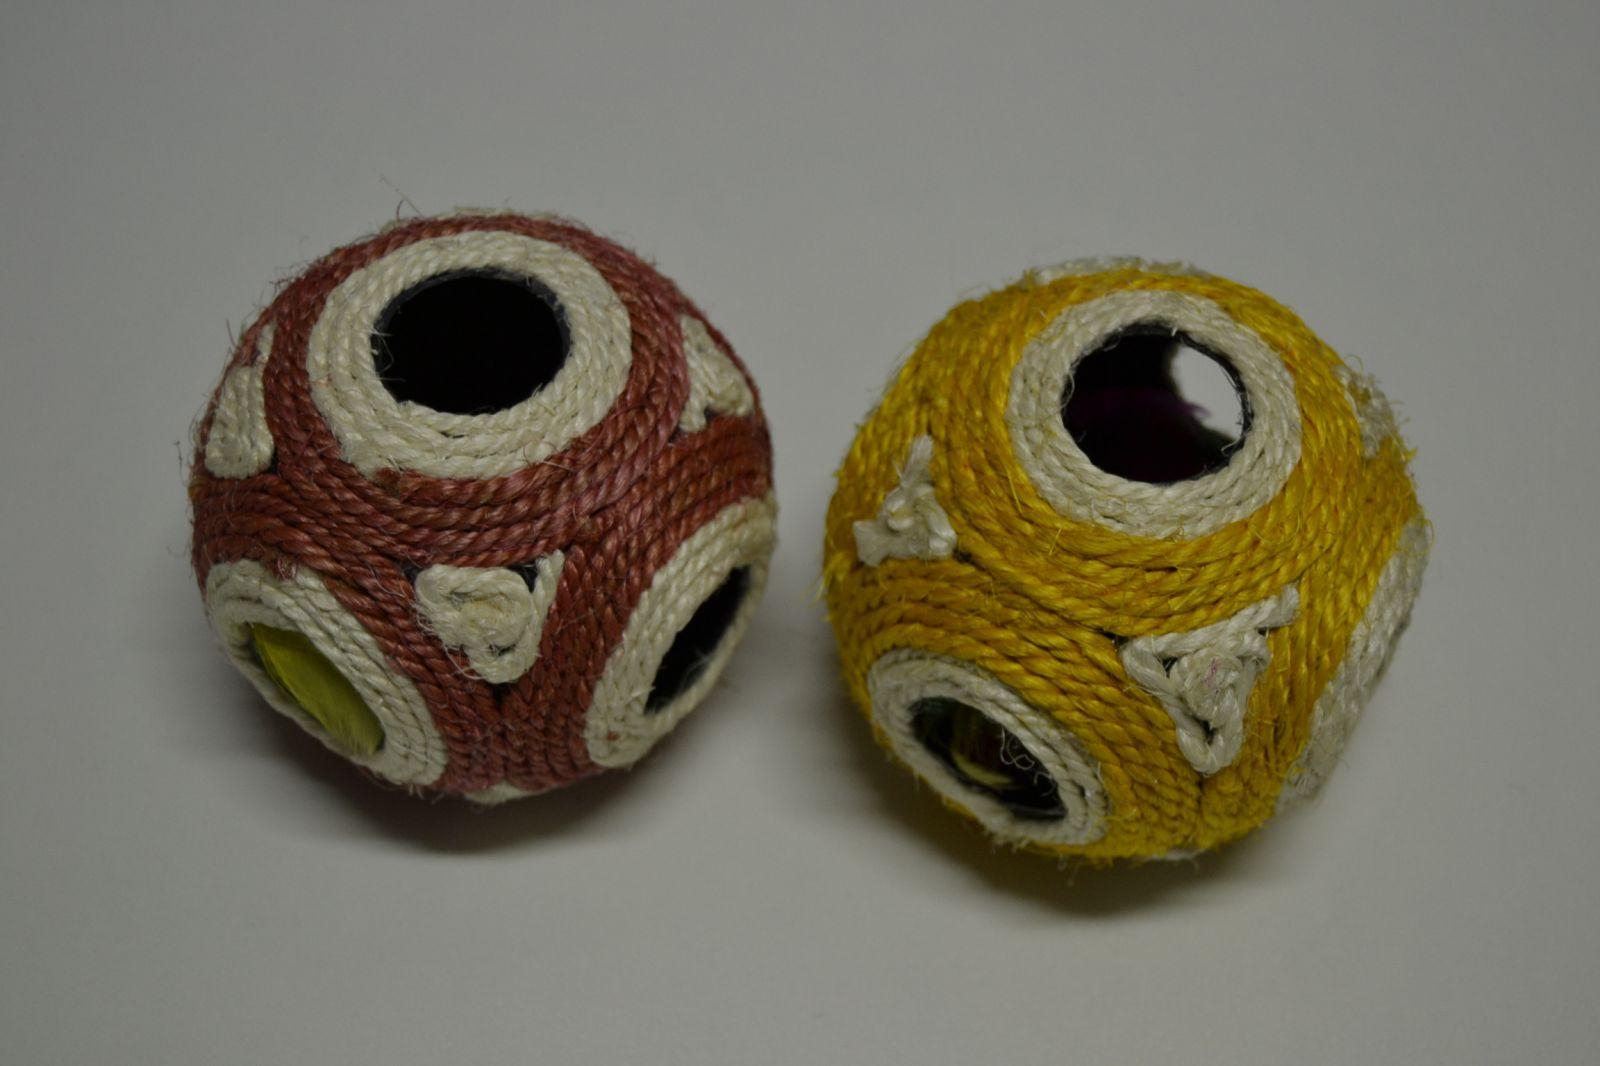 Hračka pro kočky - dutá sisálová koule 11cm + míček